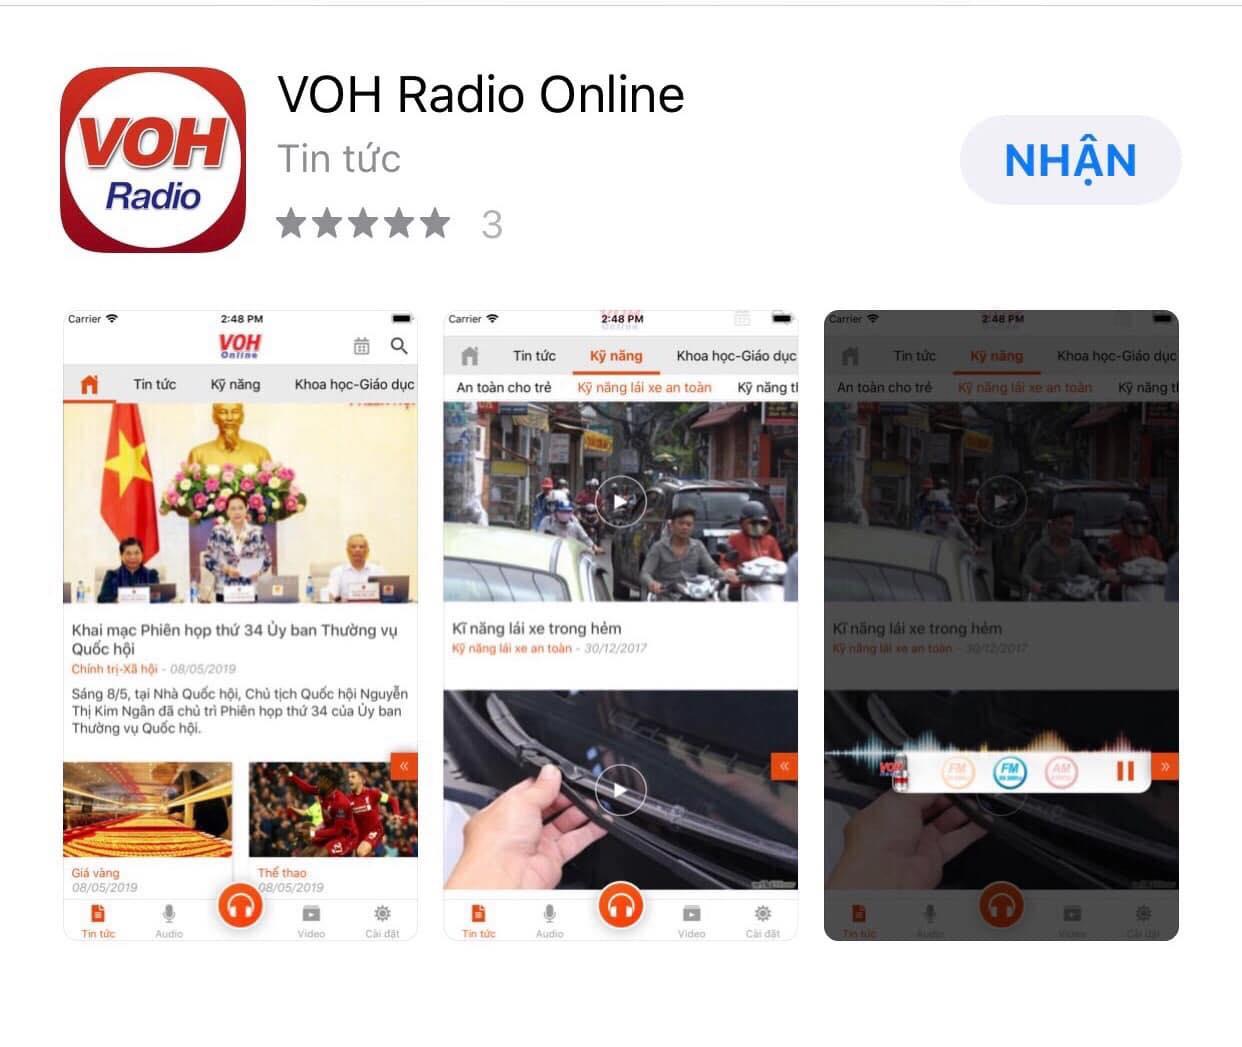 VOH RADIO ONLINE- Chiếc RADIO trong tay bạn, mọi lúc, mọi nơi...